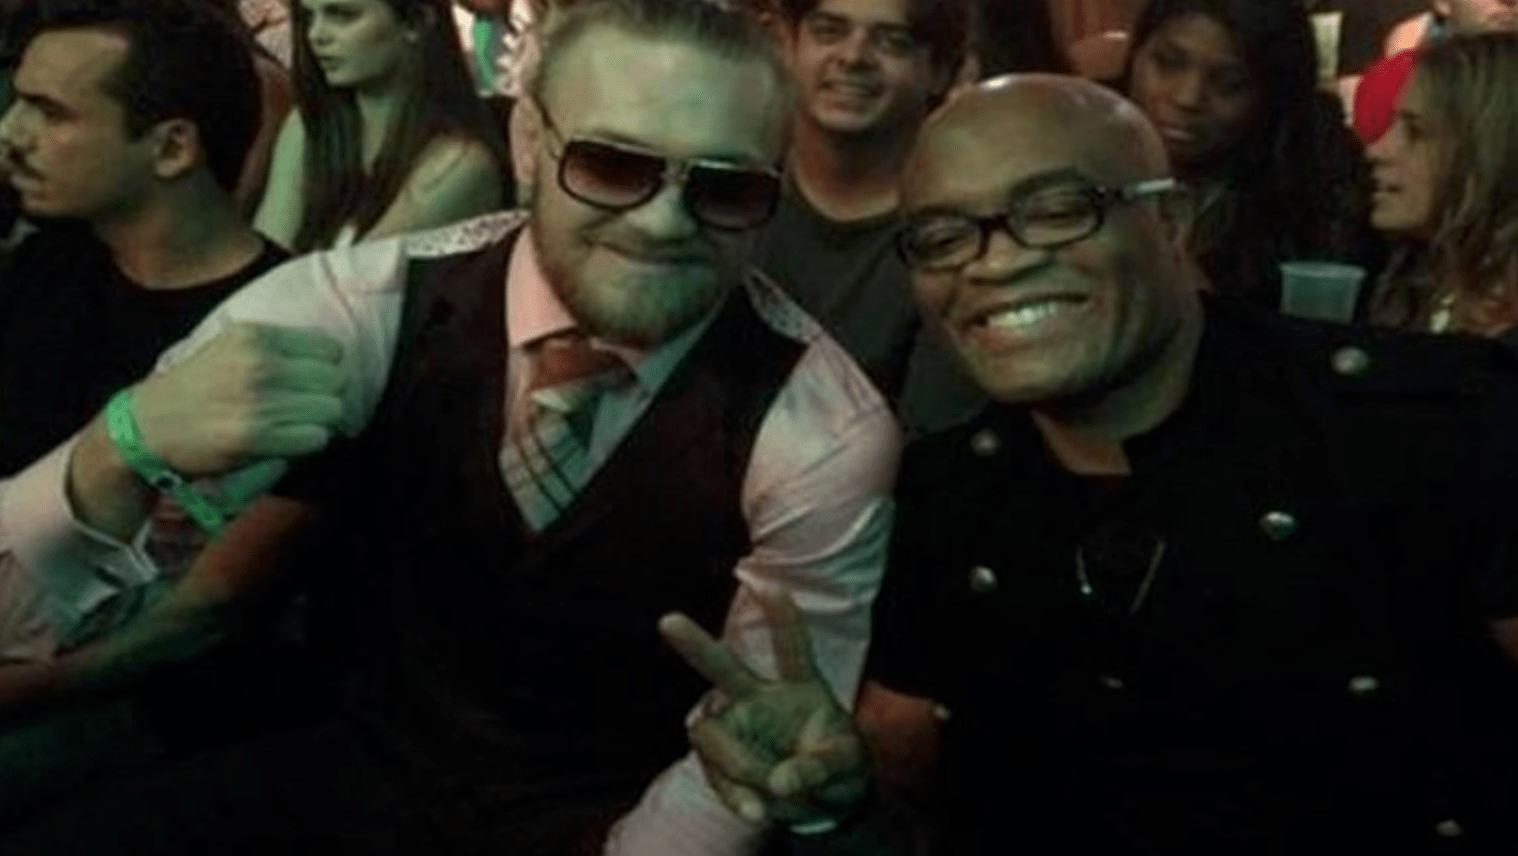 Anderson Silva Tells Dana White To Make The Conor McGregor Fight